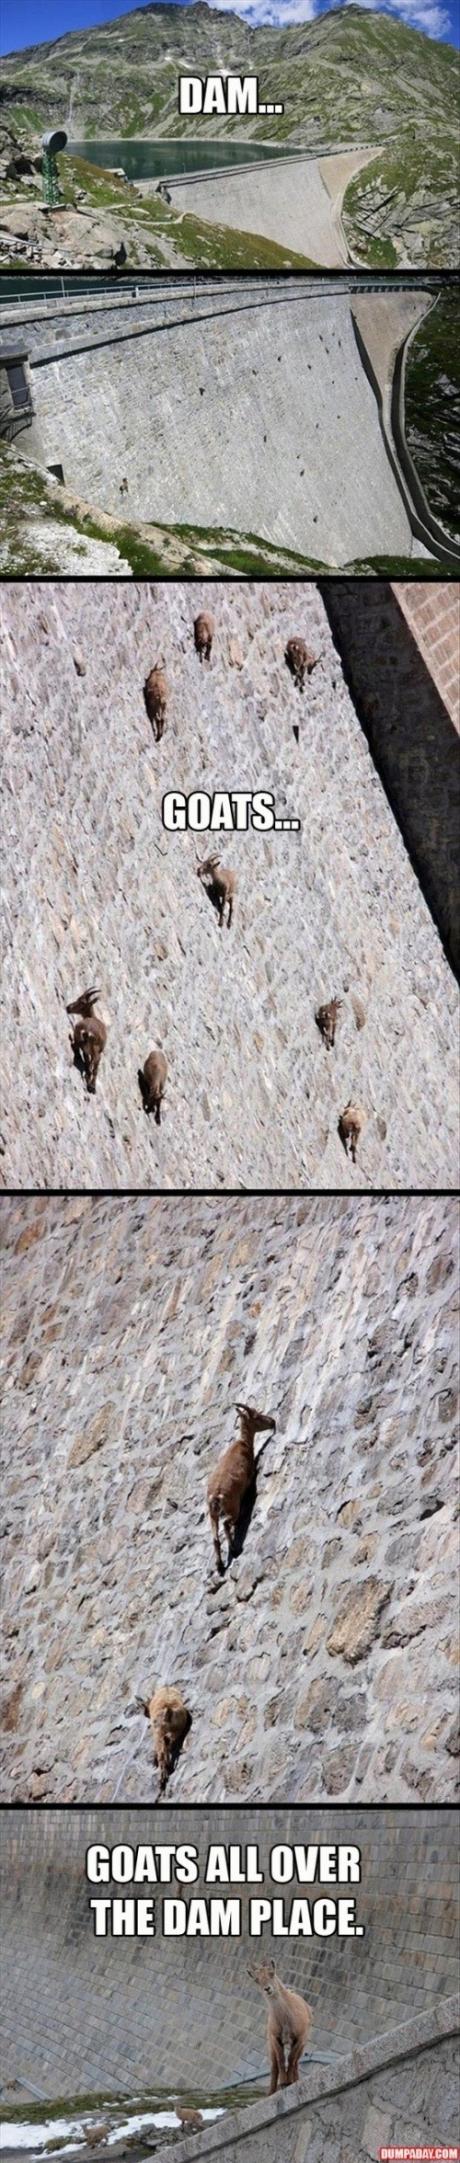 Dammmmmm goats. MACKENZIE AND PATRICK DO YOU READ ME